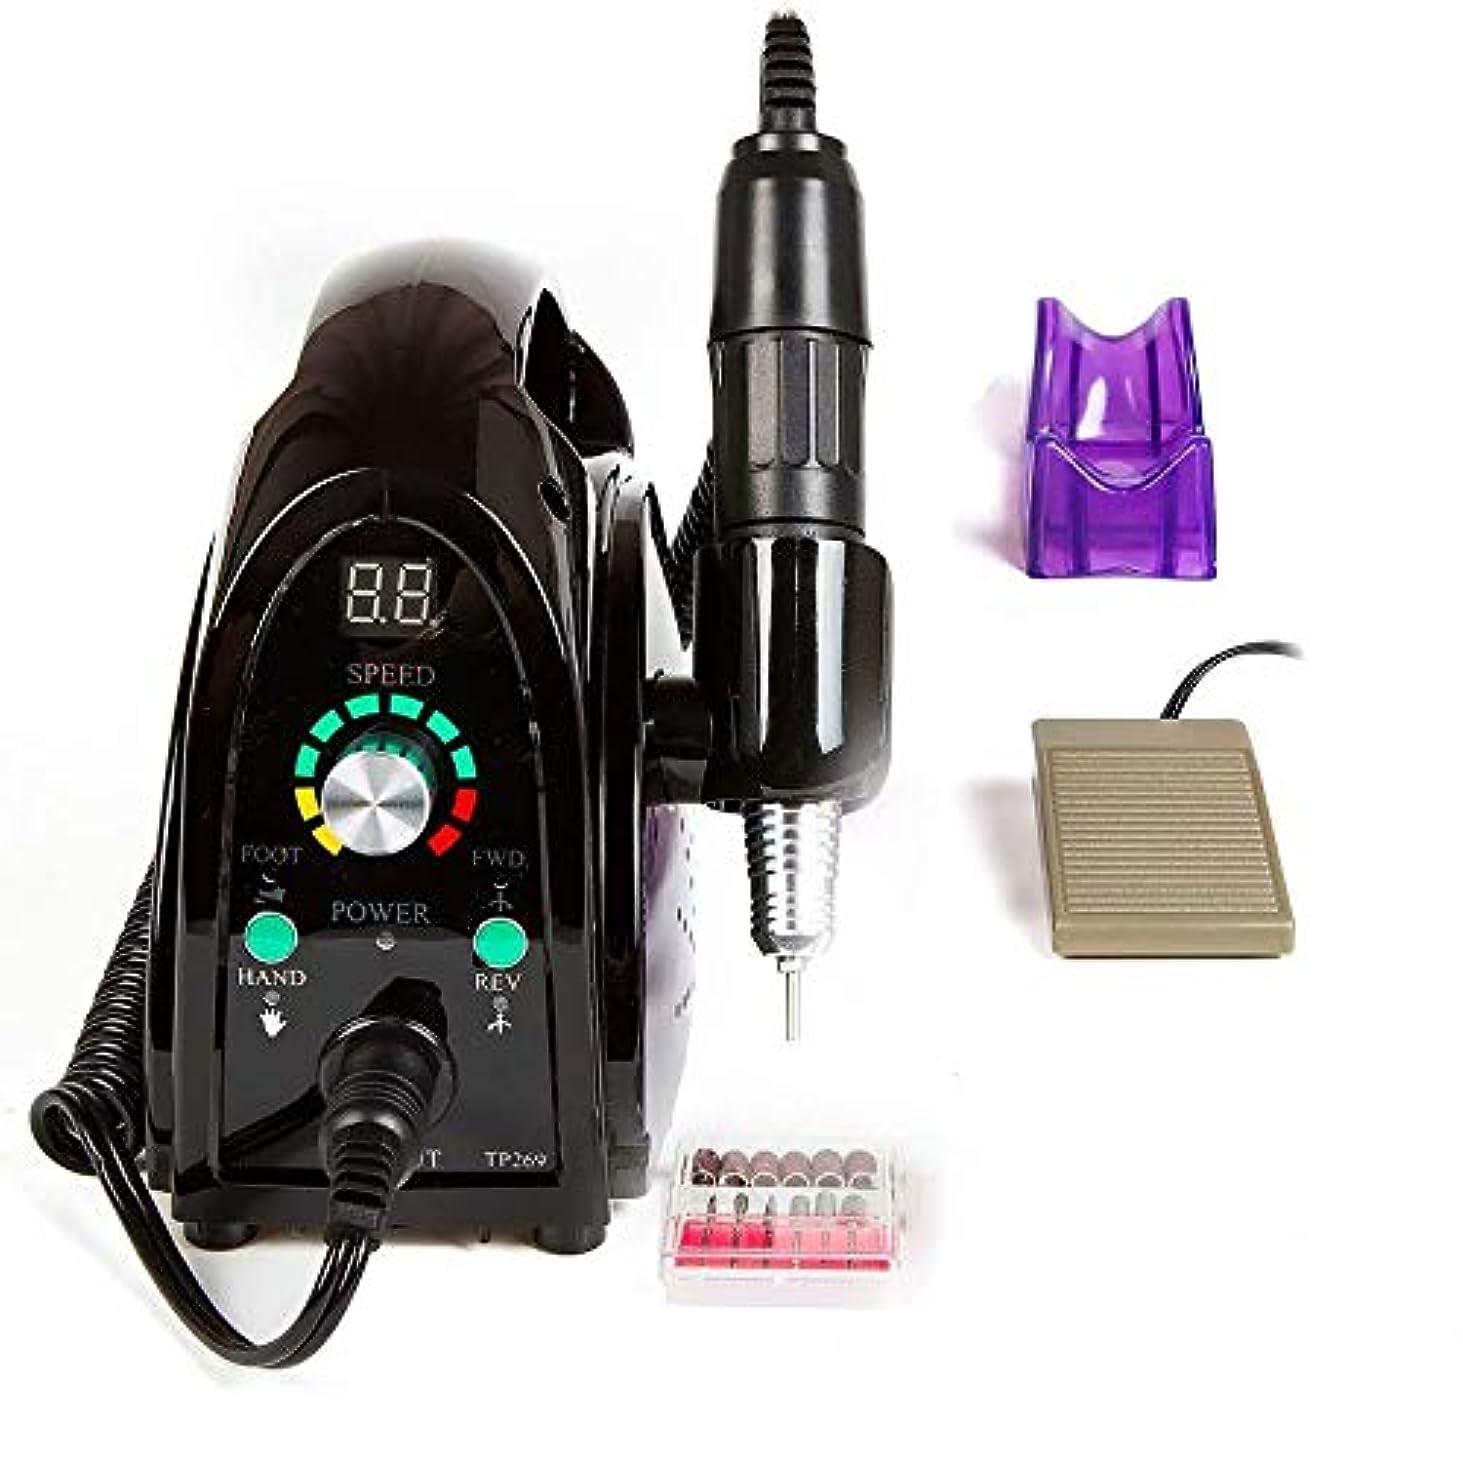 プランター神聖ホテルプロフェッショナルネイルドリルキット、6つの研削ヘッドと釘グラインダーマニキュアネイルアートツールのための携帯用電気ネイルドリル35000RPM電気ファイル